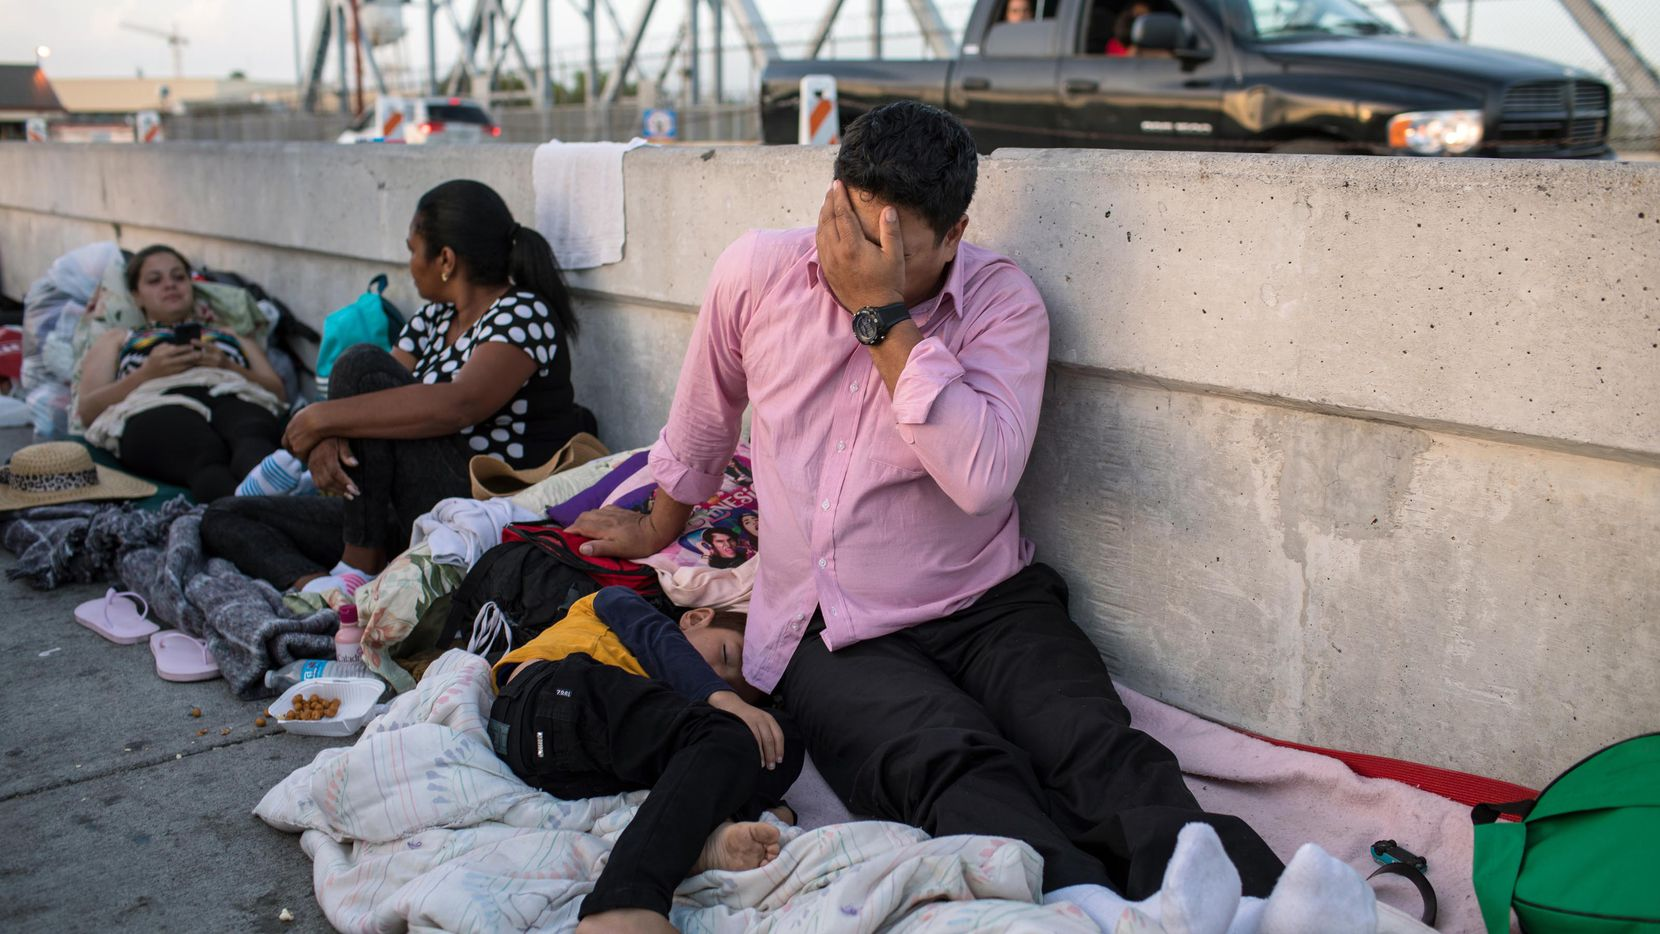 Un hombre hondureño y su hijo de 5 años esperan en el lado mexicano del Puente Internacional de Brownsville y Matamoros después de que se le negó la entrada a Estados Unidos, cerca de Brownsville, Texas. GETTY IMAGES